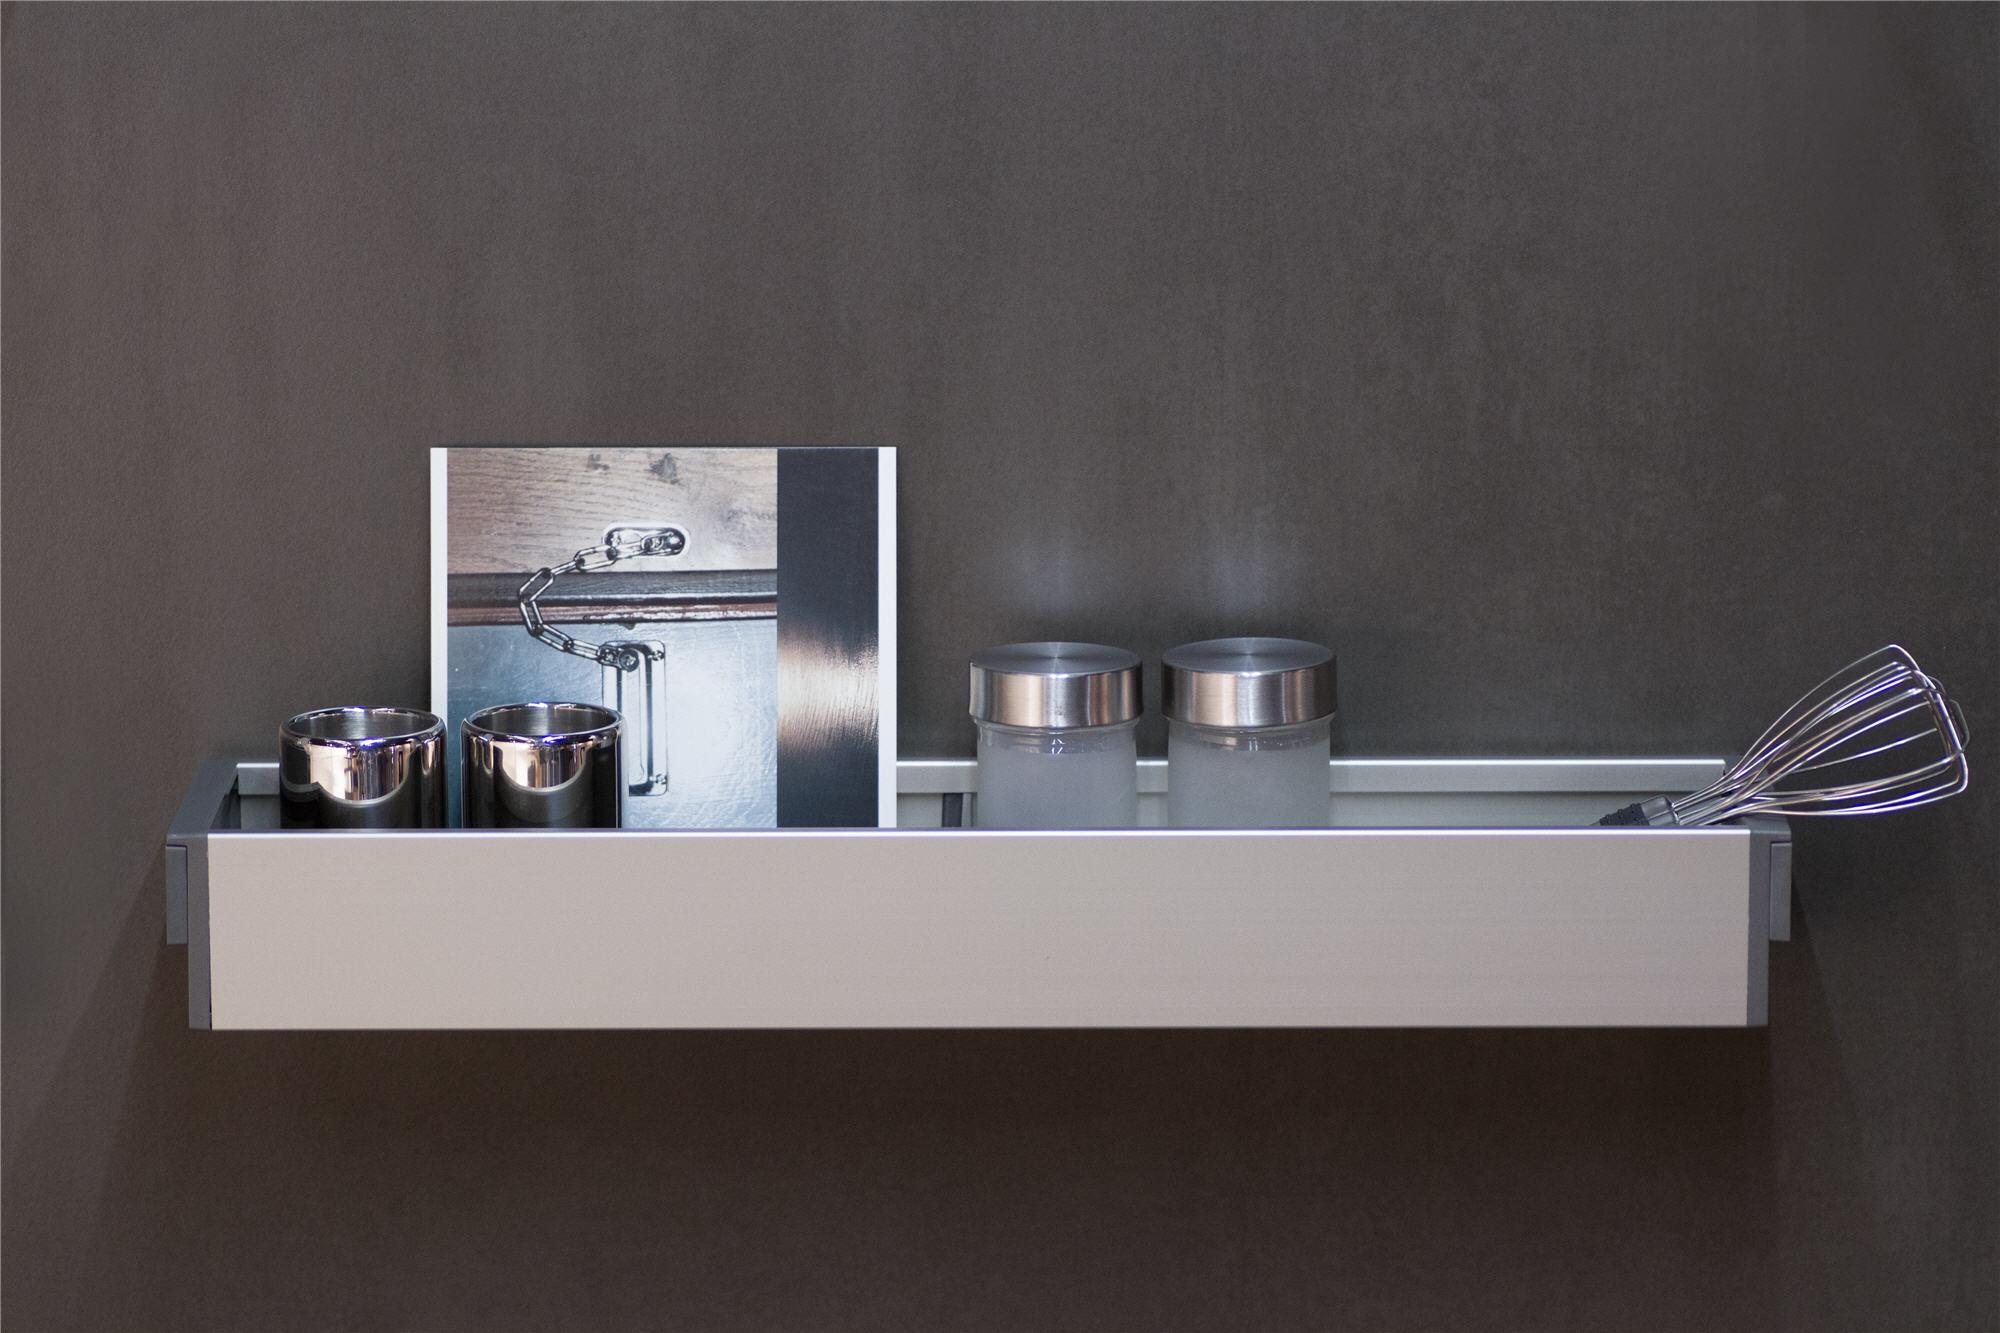 Cucina_Snaidero_contenitore_alluminio